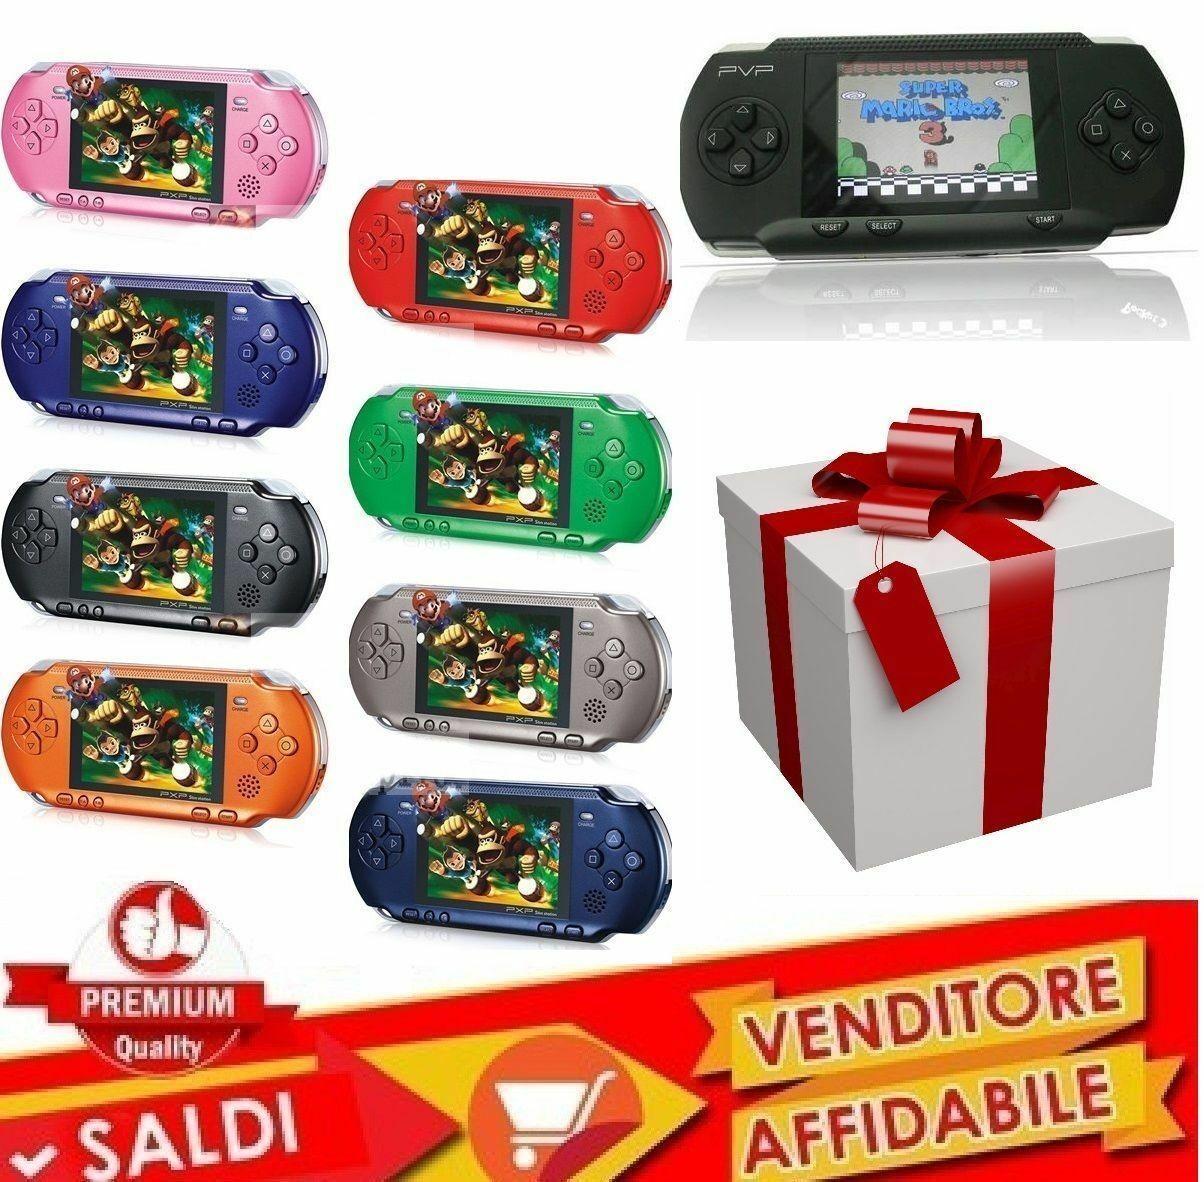 Console Portatile Pvp Videogioco Con Tantissimi Giochi Per Bambini Facsimile Ps